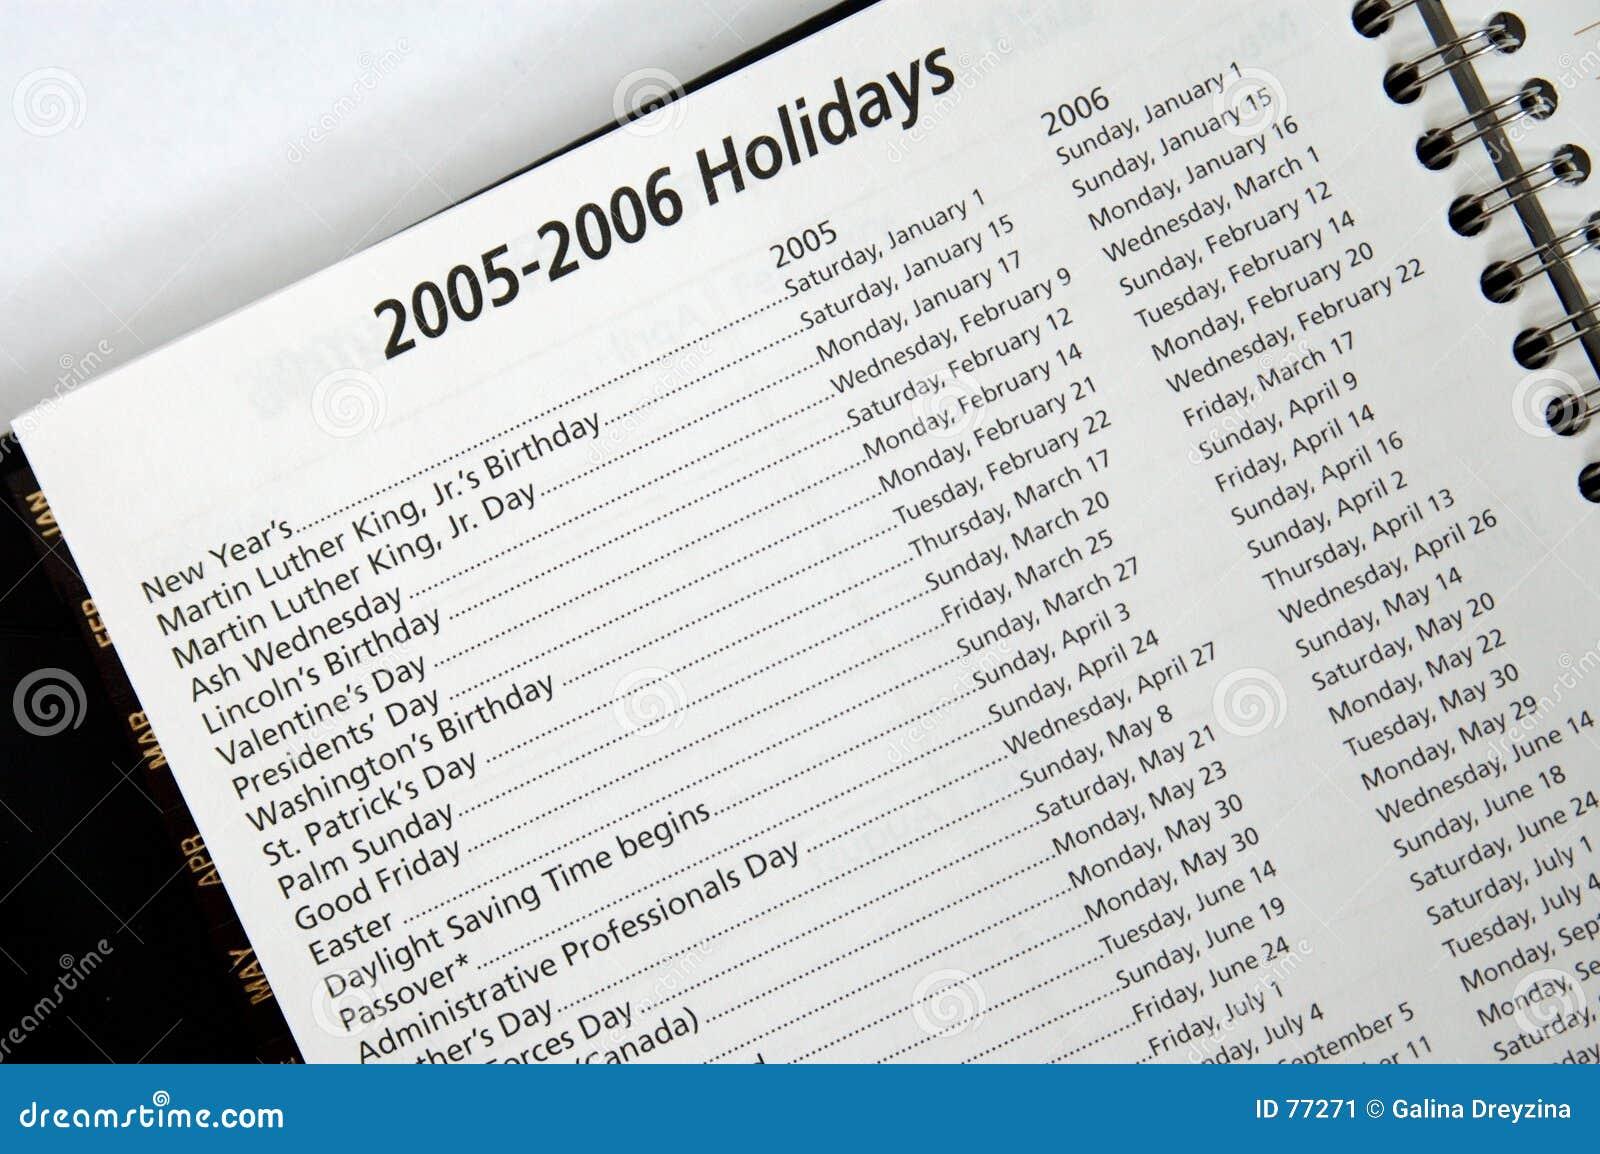 2005 wakacji 2006